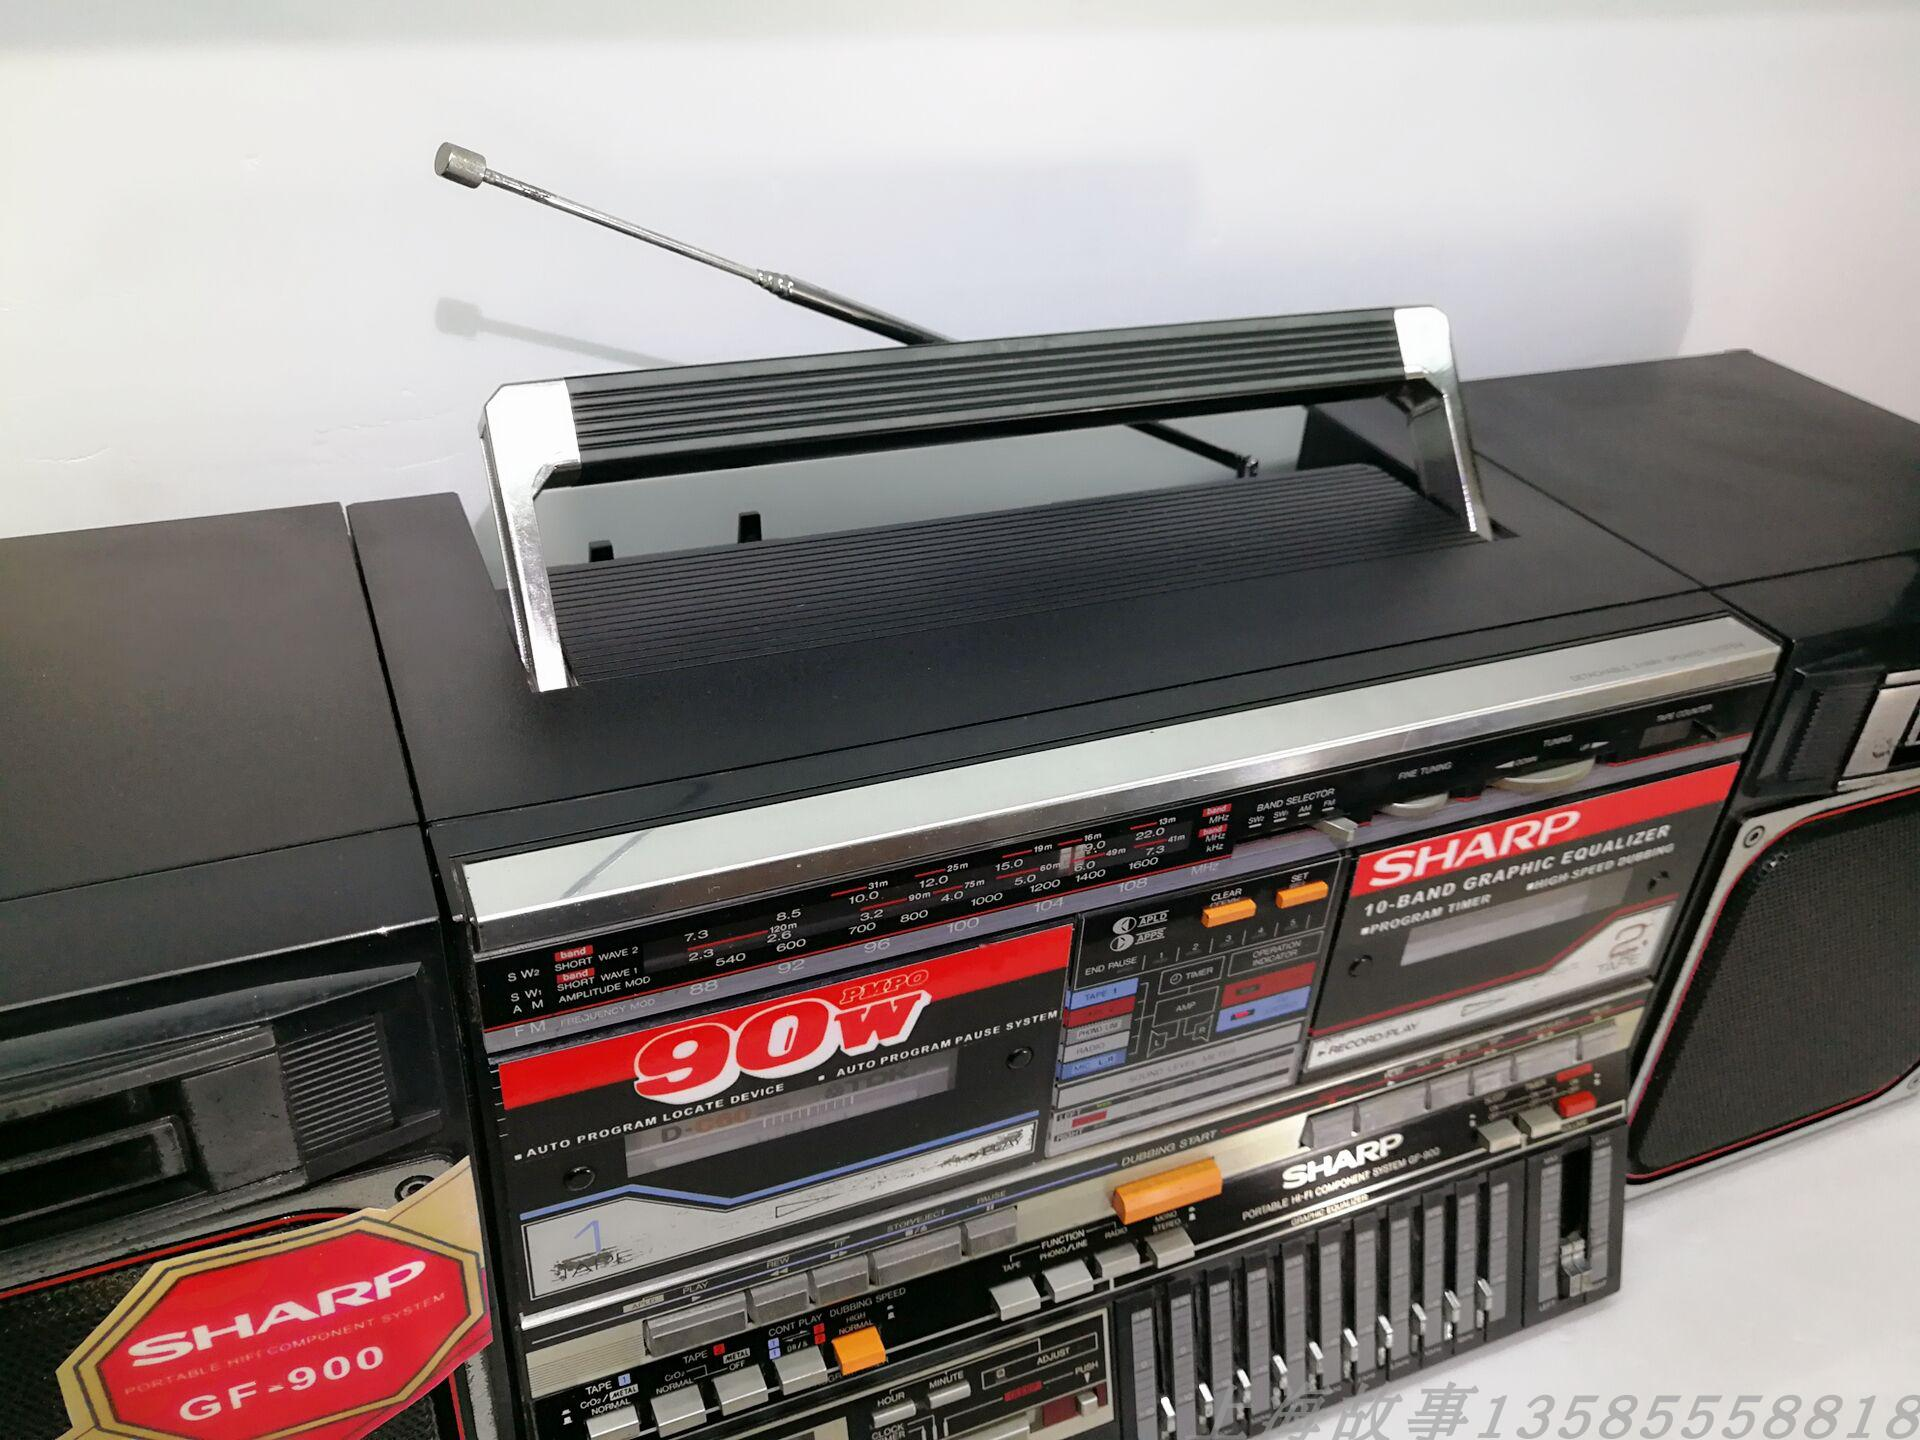 Магнитофон Япония использовала Шарп ГФ-900 магнитофоны цвет новой нормальной функции  и